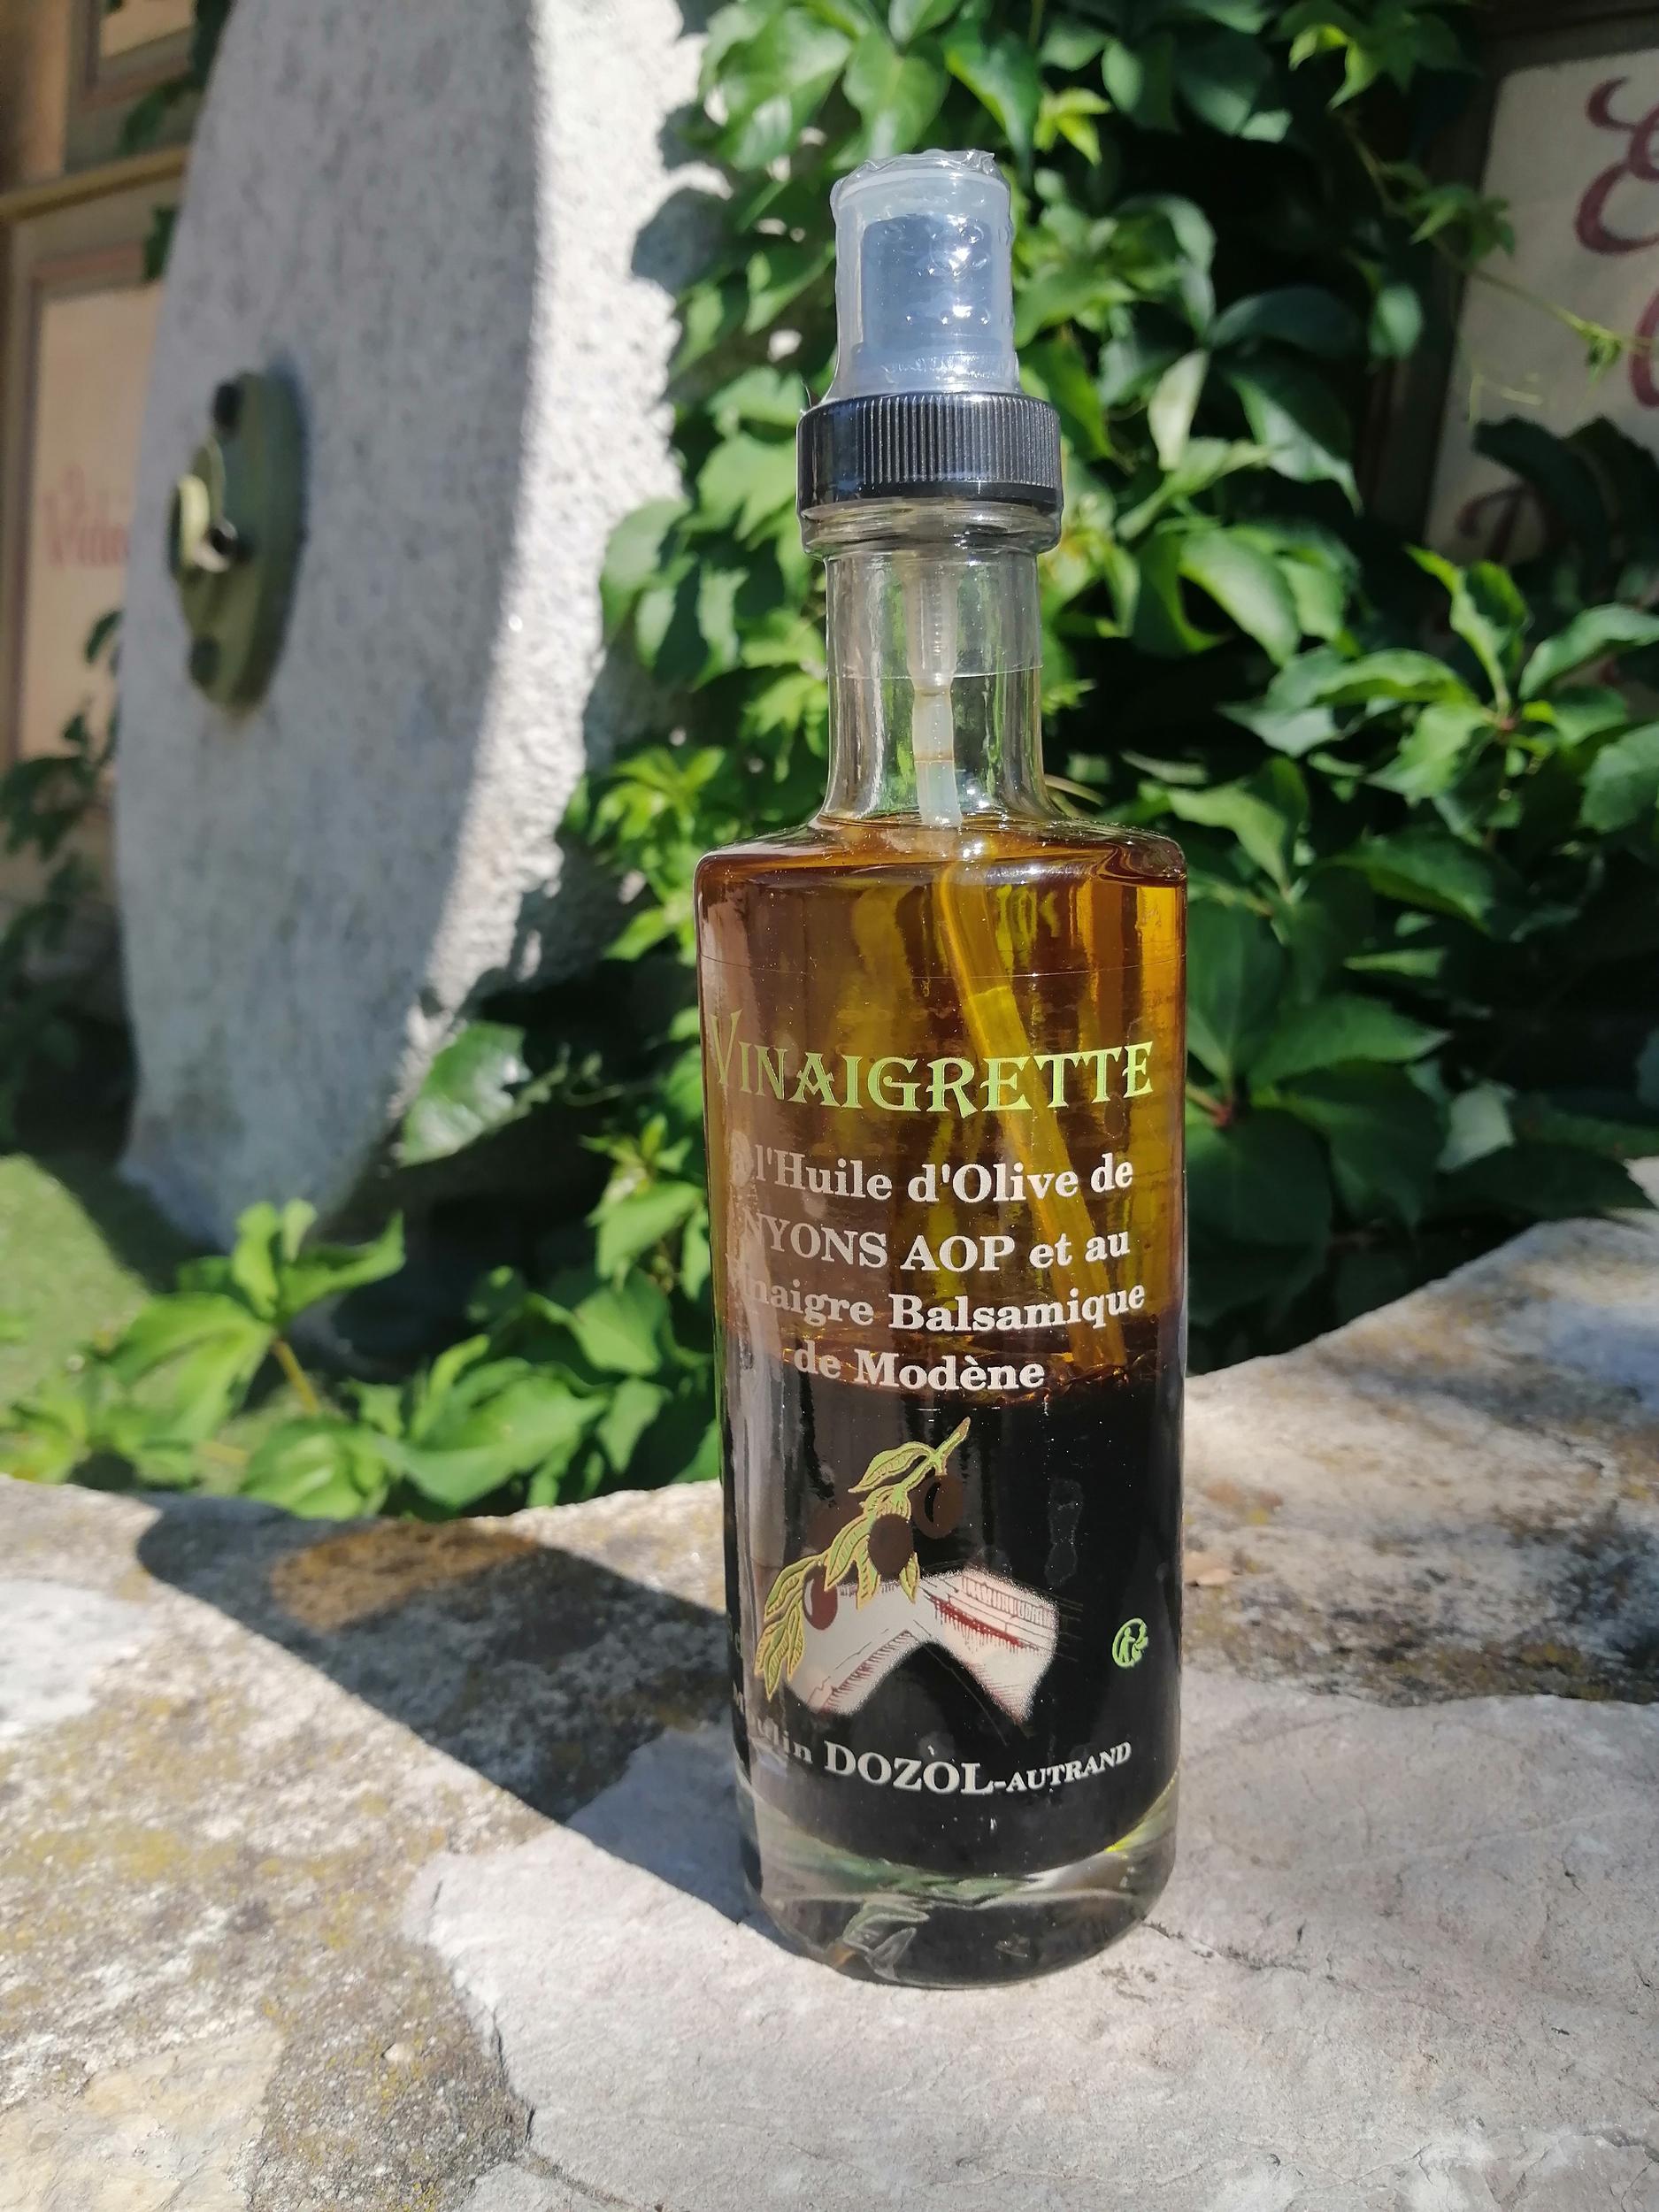 Vinaigrette à l\'huile d\'olive de Nyons et au vinaigre balsamique de Modène